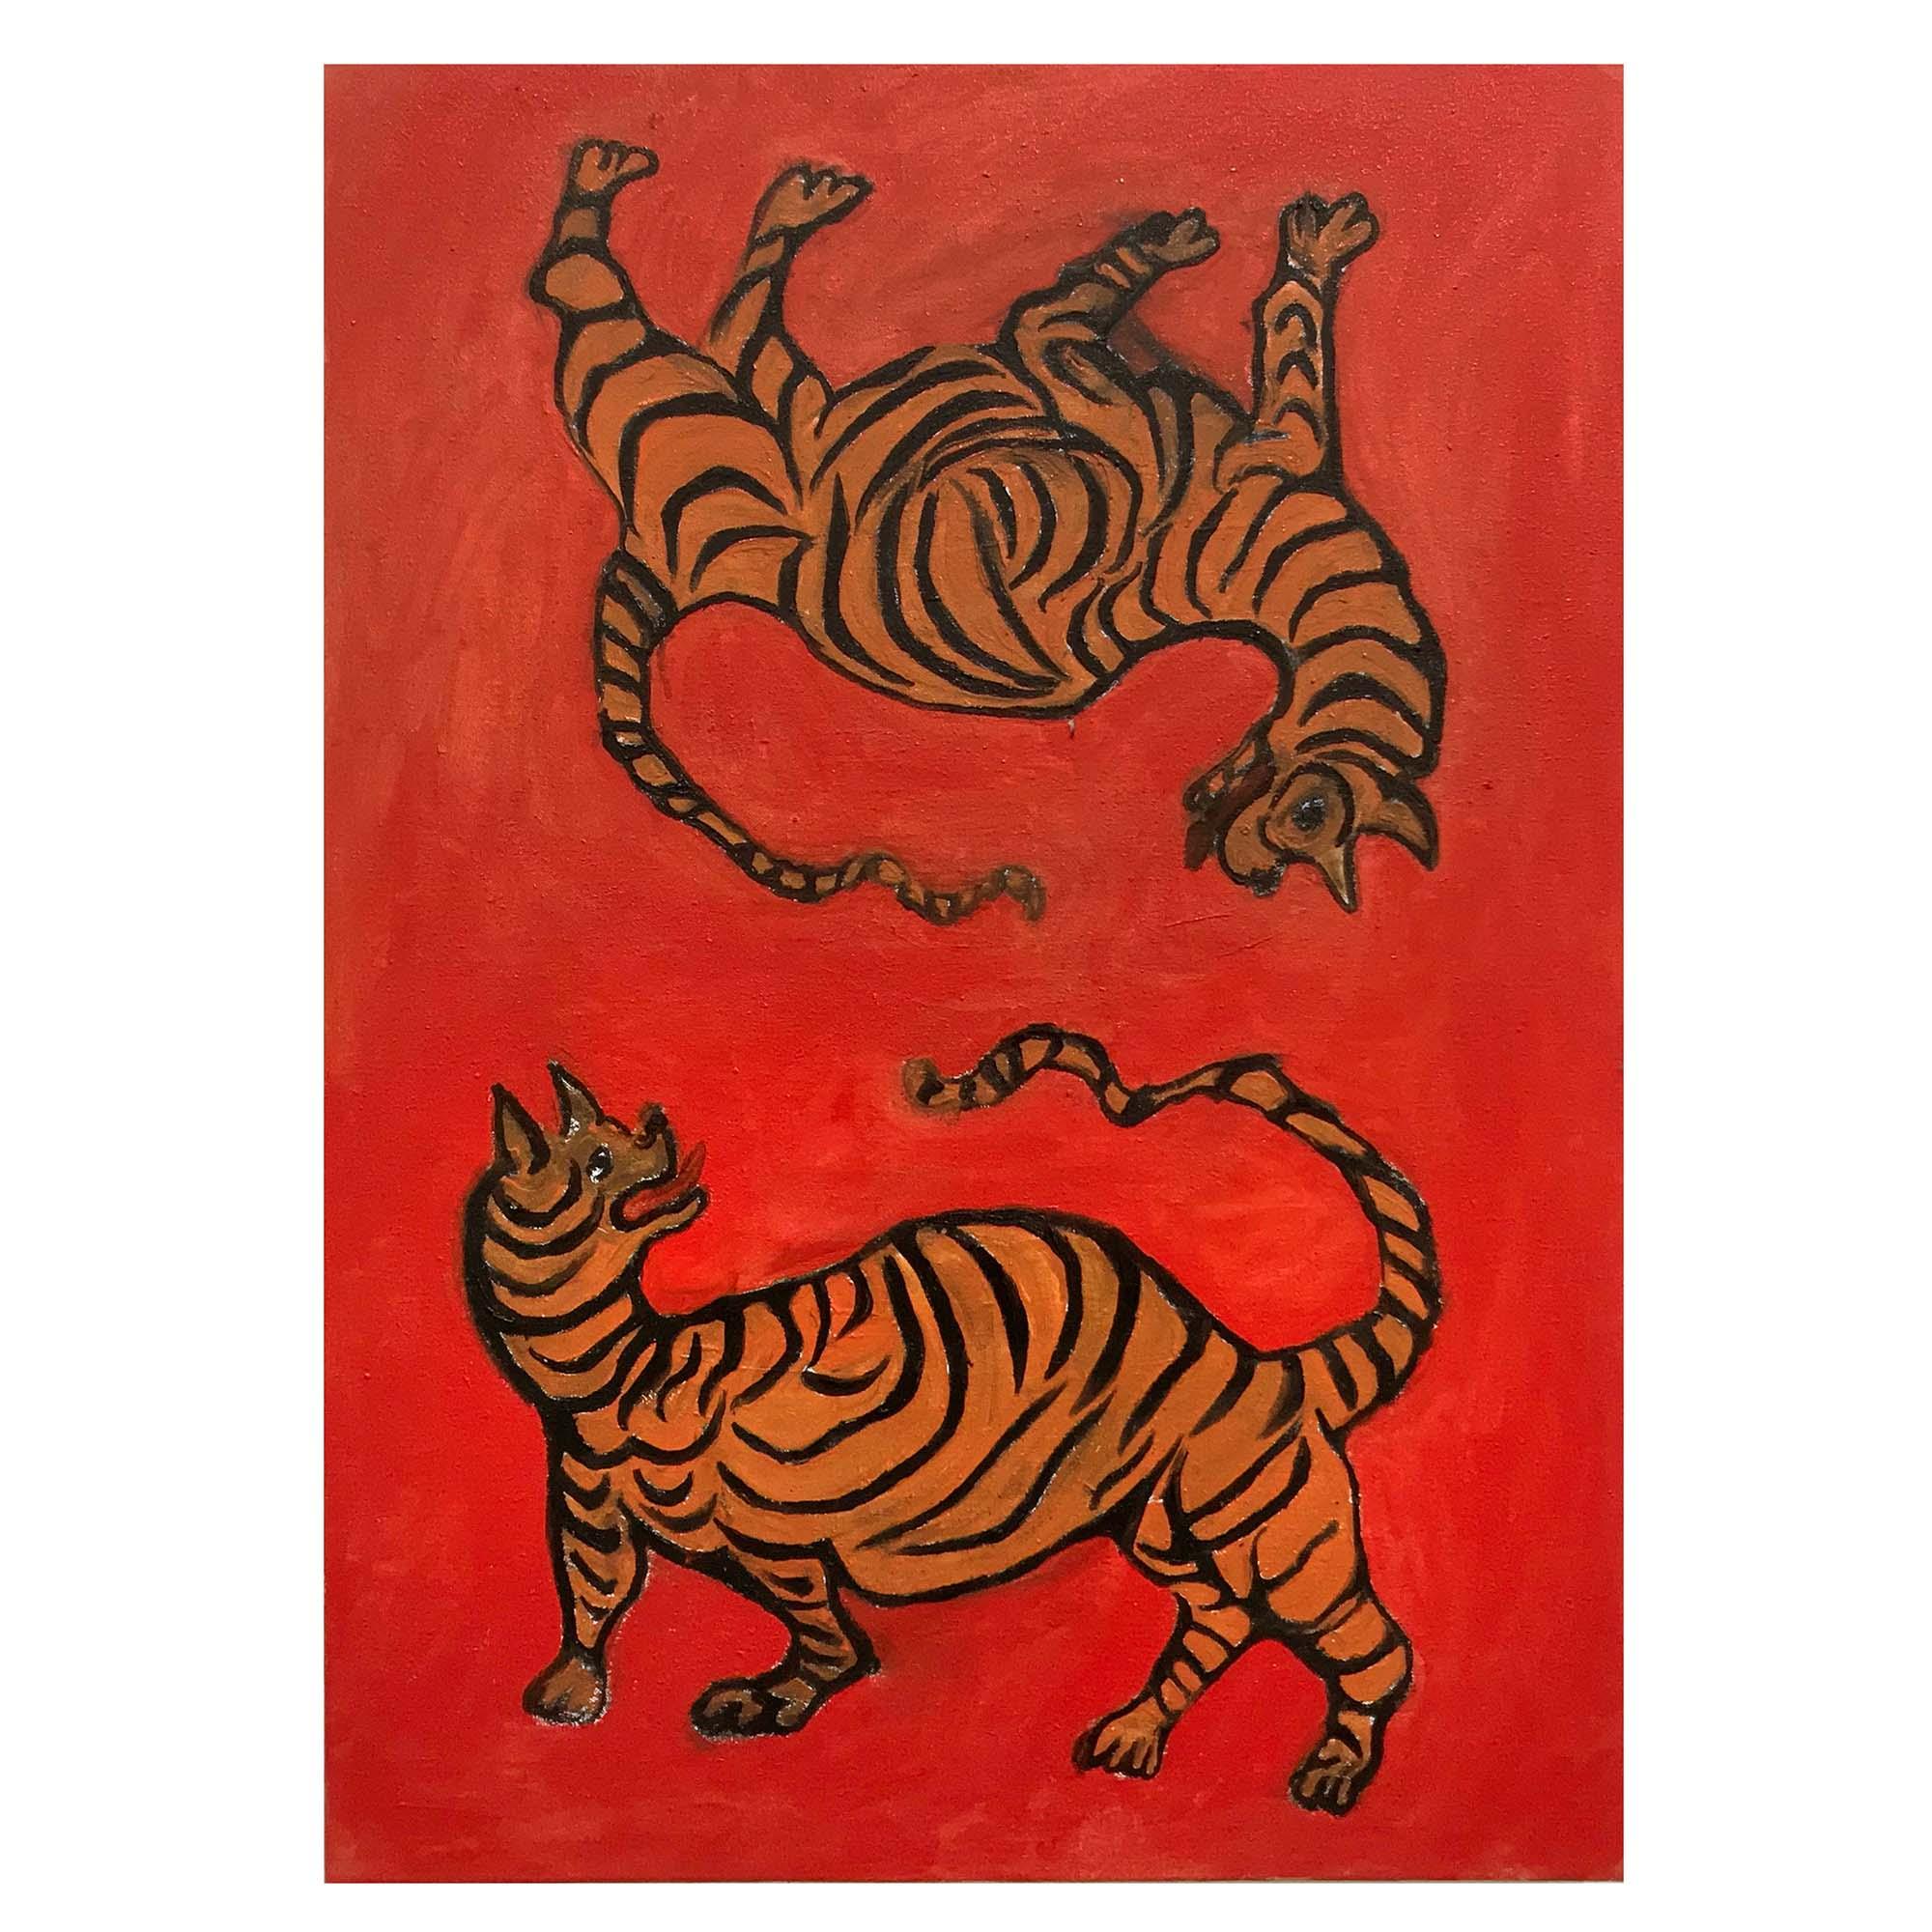 Sophie Vallance, 'Tiger, Tiger I got You' Oil on Canvas 40x70cm 2019